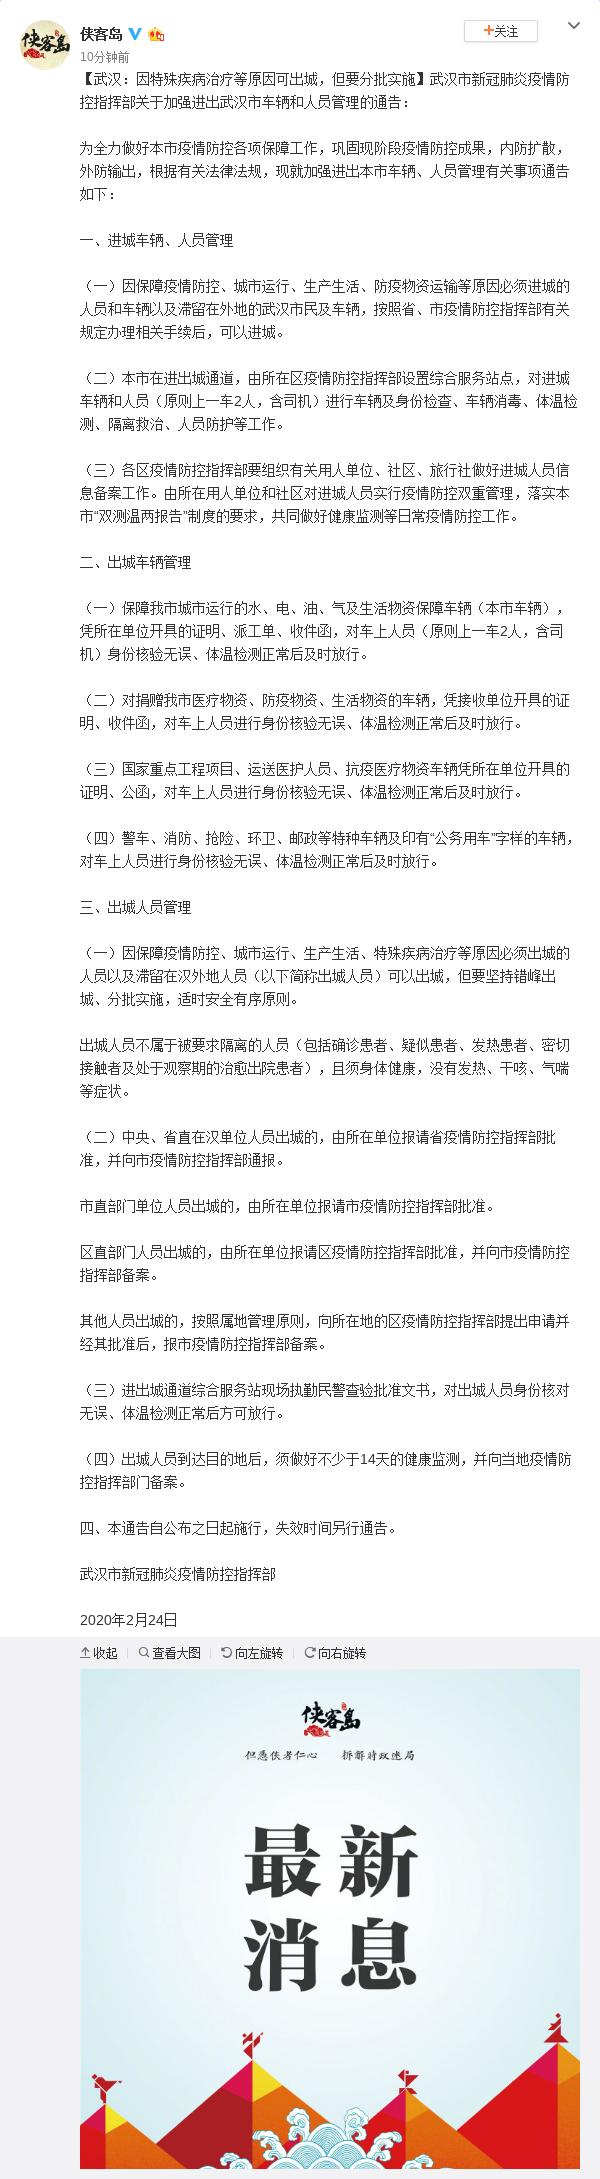 苏州协和要求北京协和撤不当言论:维E乳没有真假